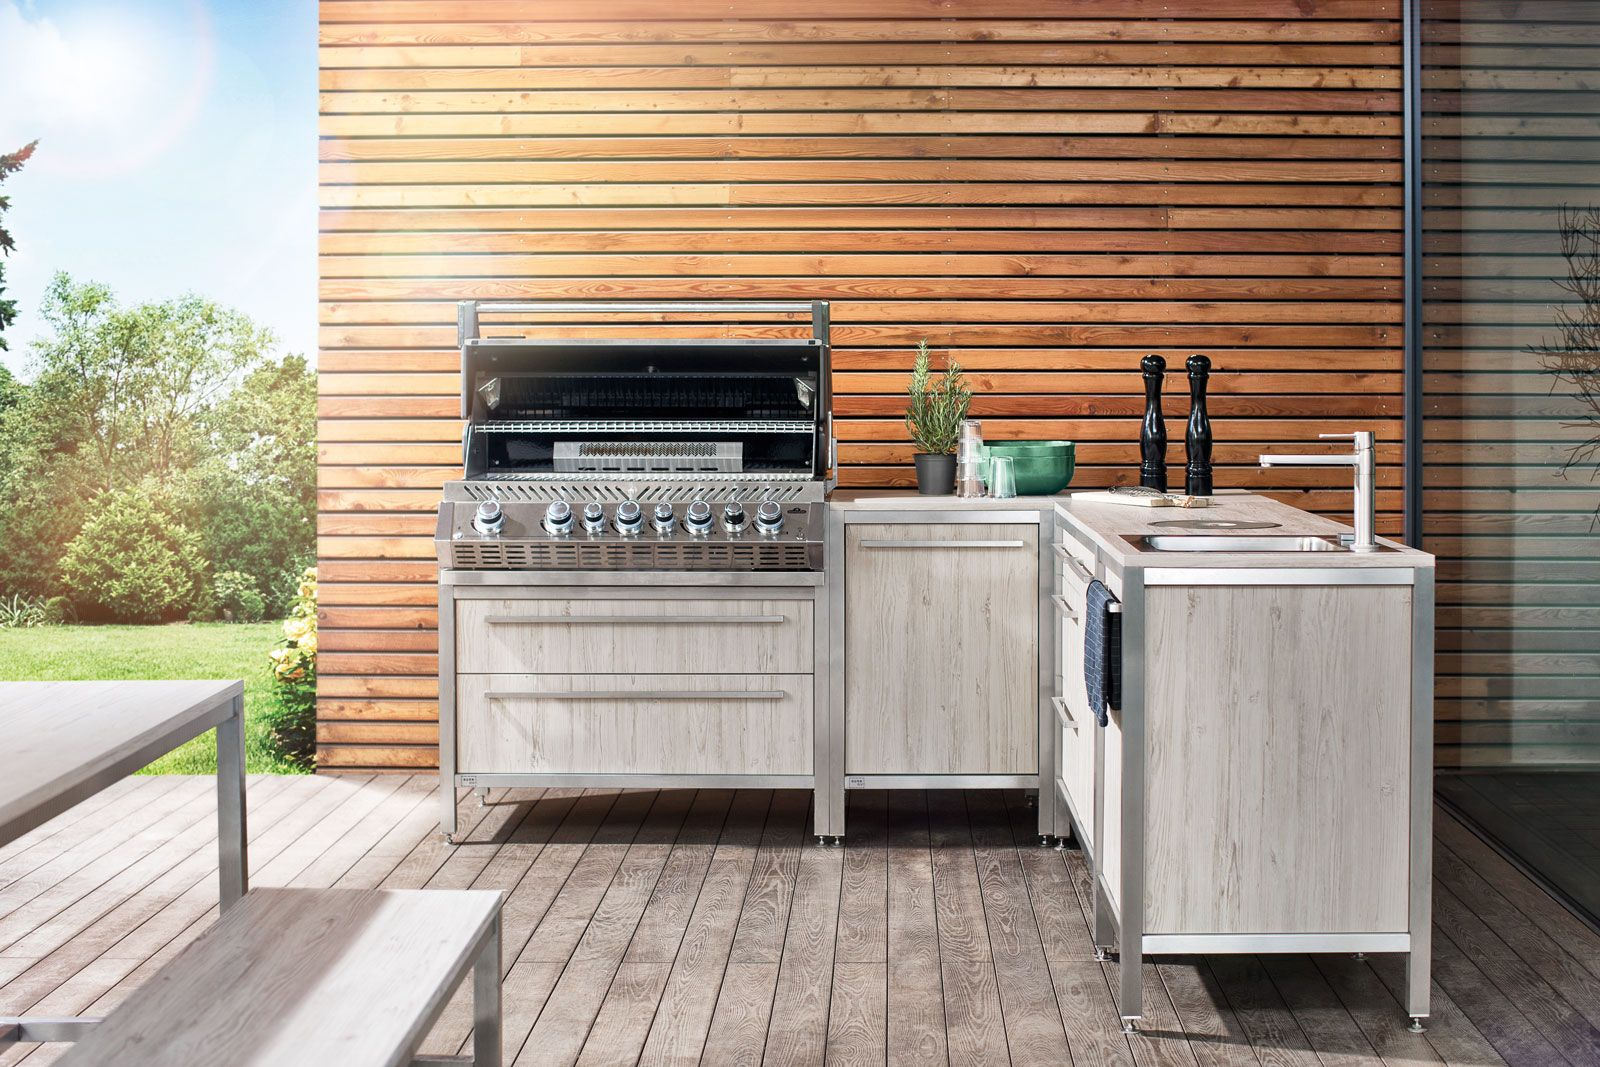 Burnout Outdoorkuche In L Form Mit Gasgrill Und Spule Auf Einer Terrasse Im Vordergrund Stehen Tisch Und Bank Home Appliances Outdoor Decor Home